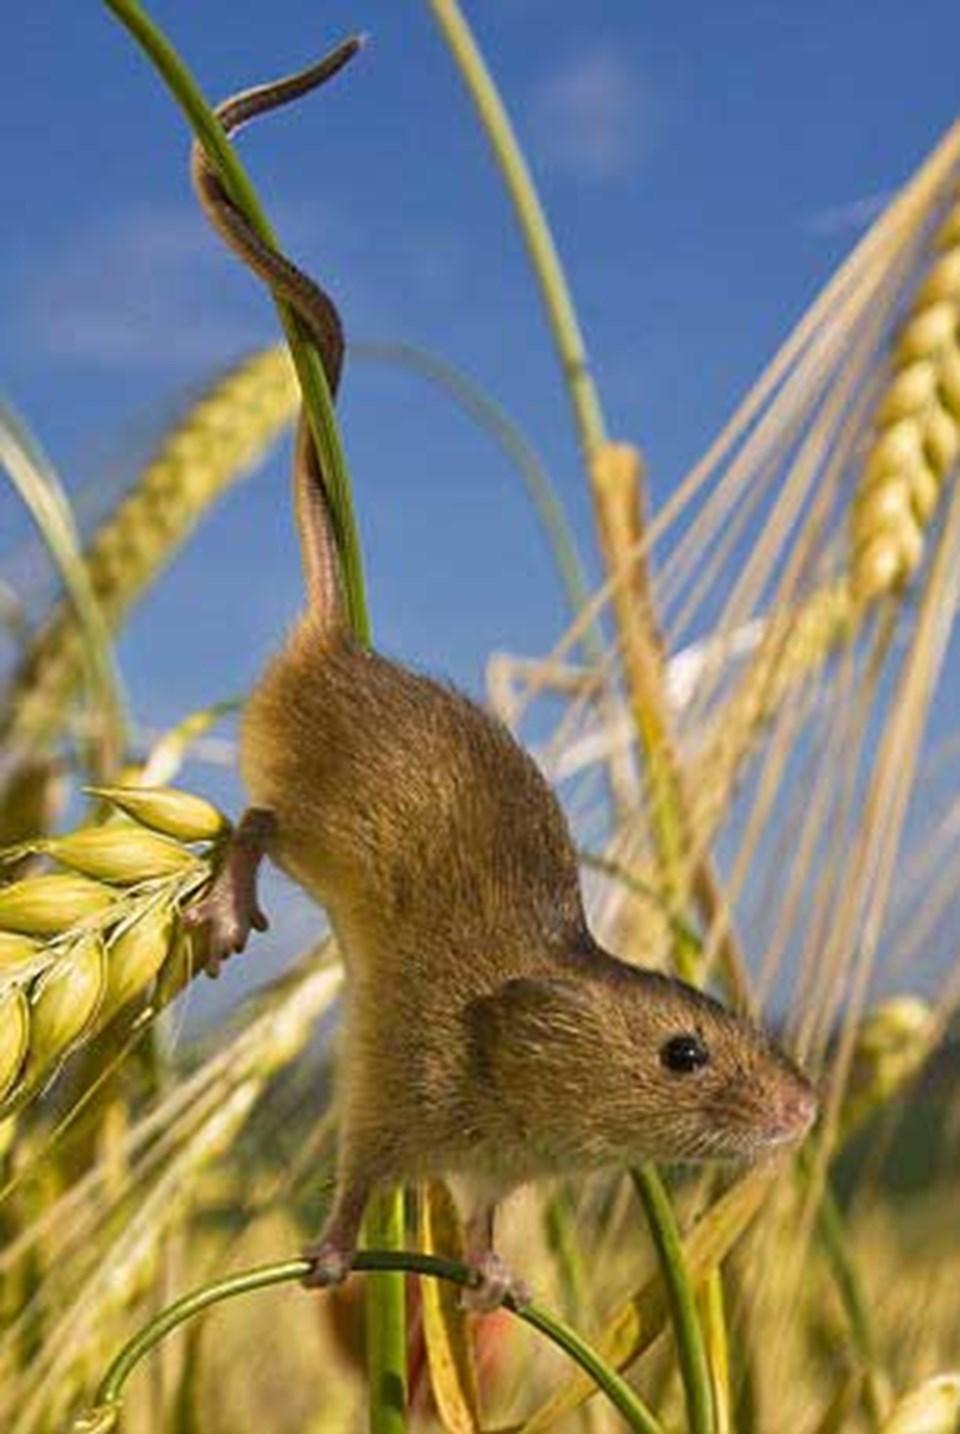 Kürklü dostumuz buğday sapından aşağı sarkarak çevikliğini sergiliyor.